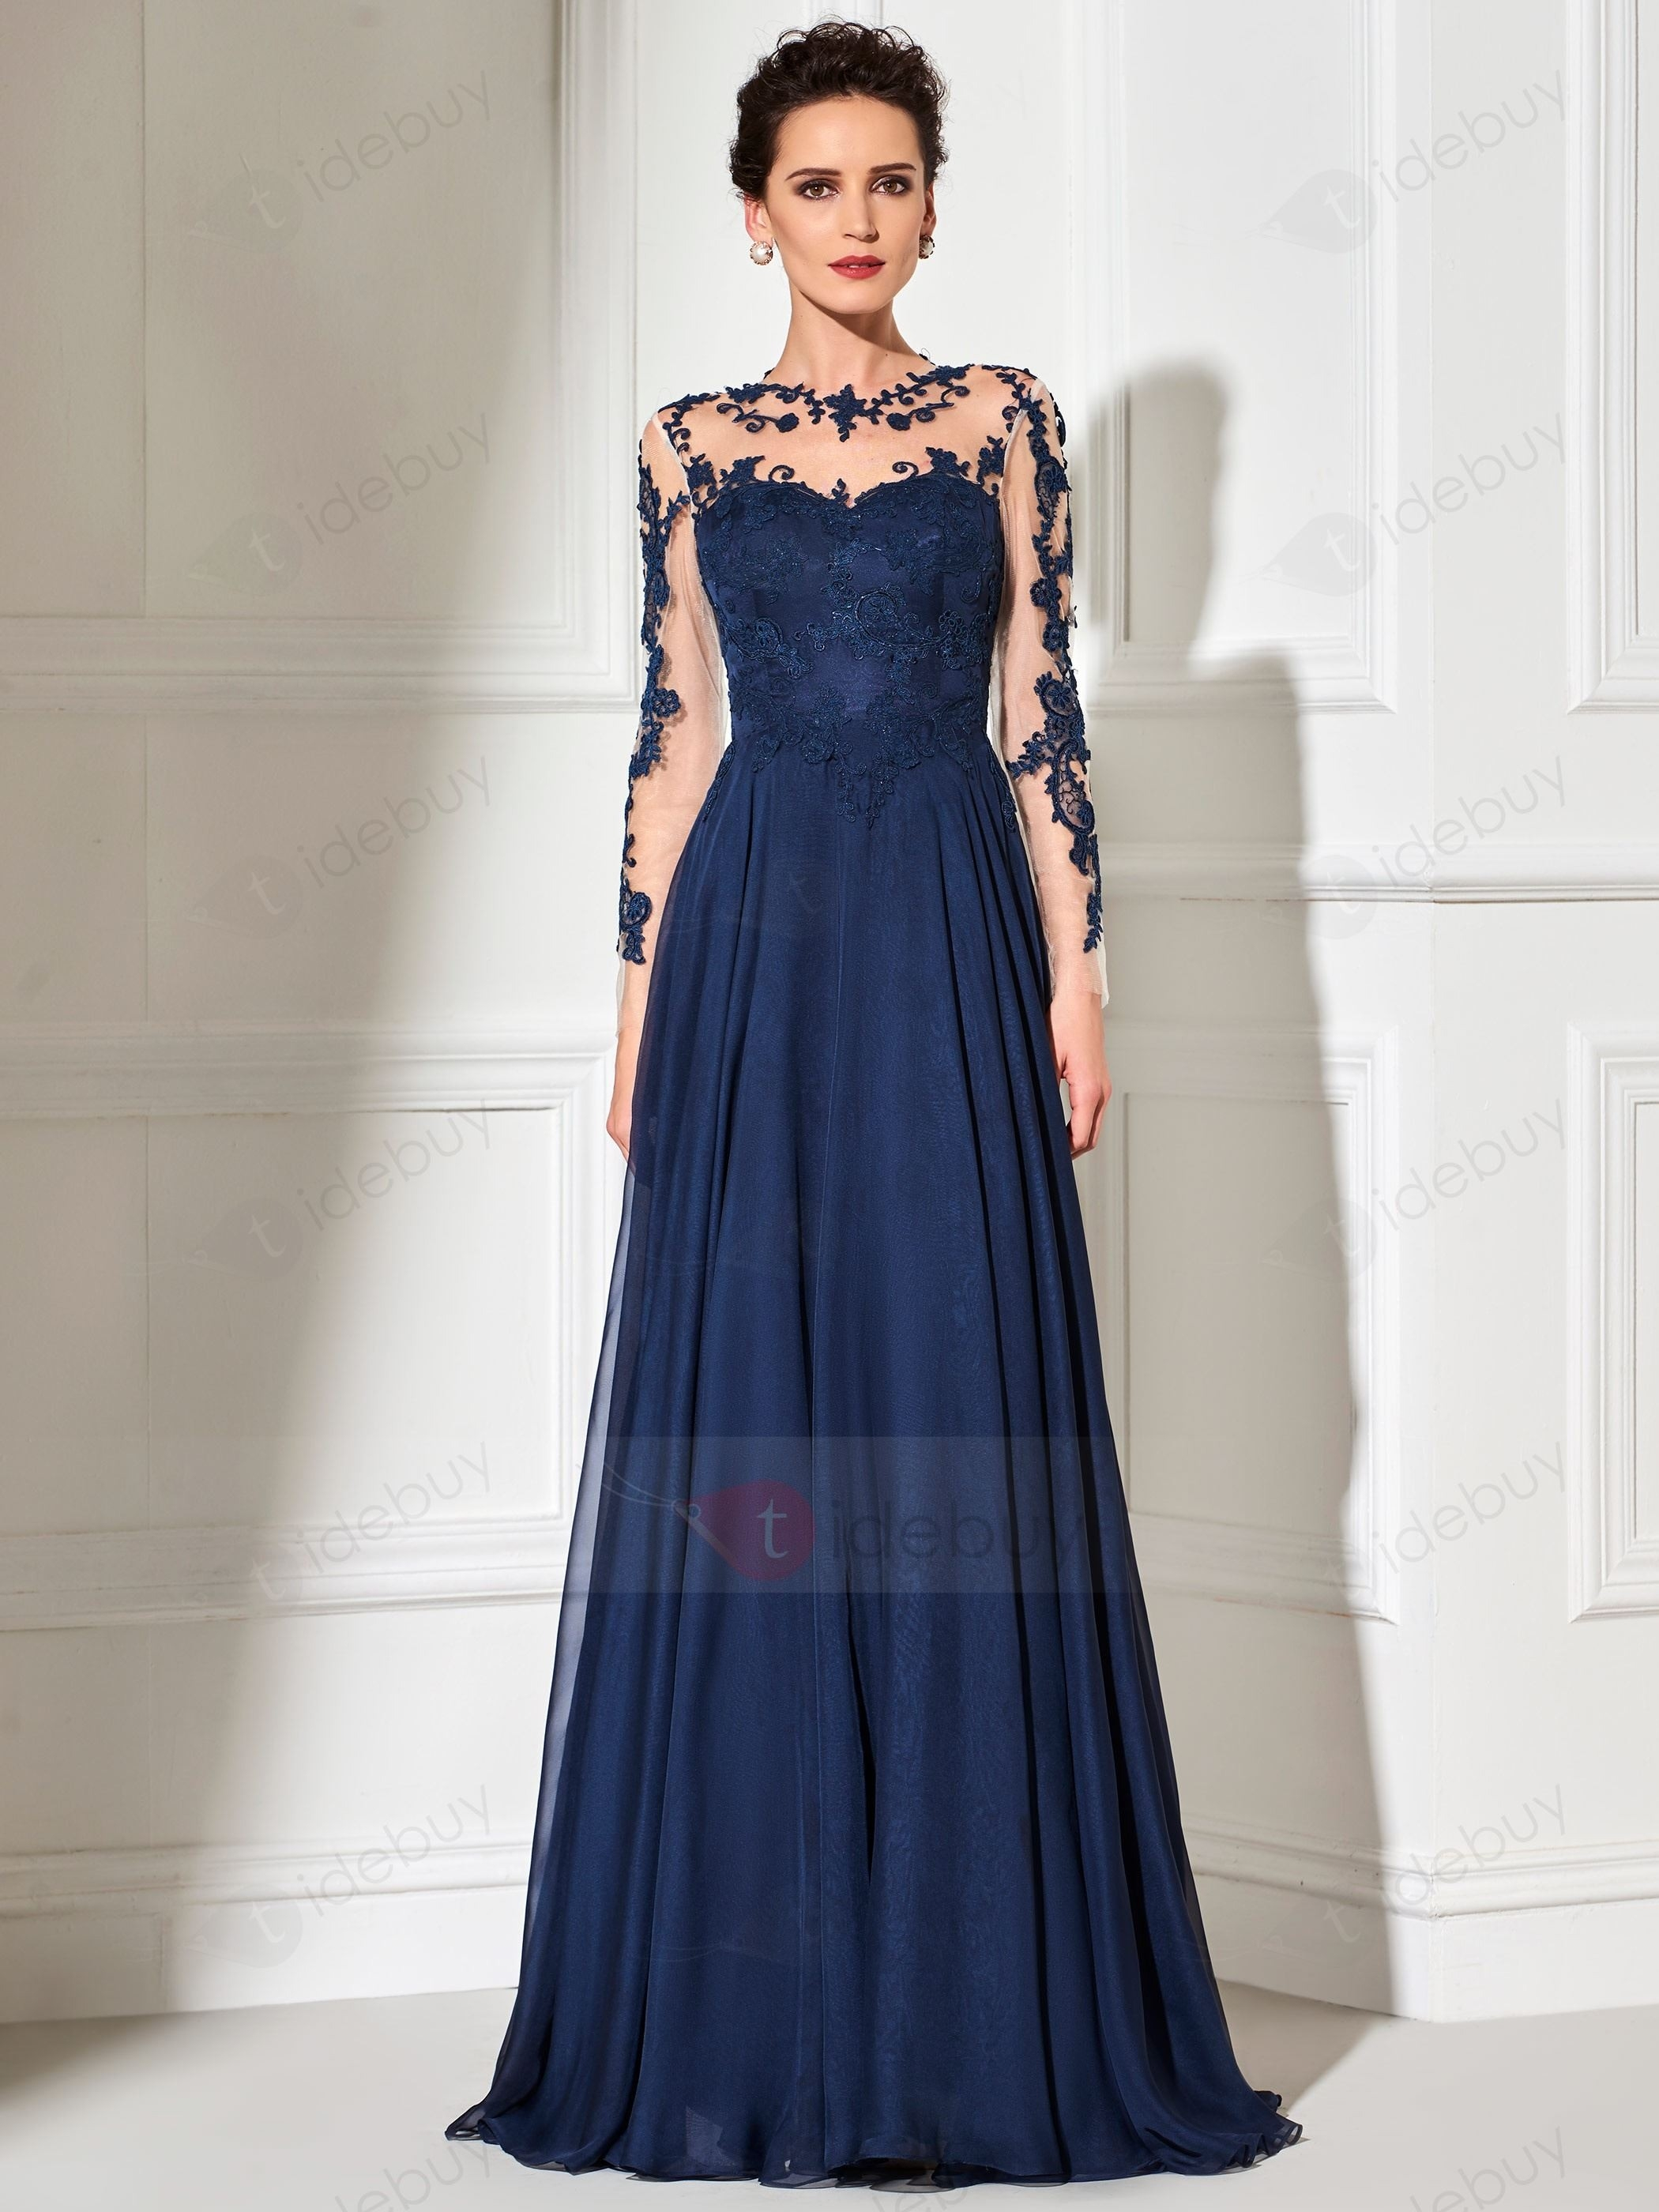 9 Top Abendkleider Lang für 9 - Abendkleid